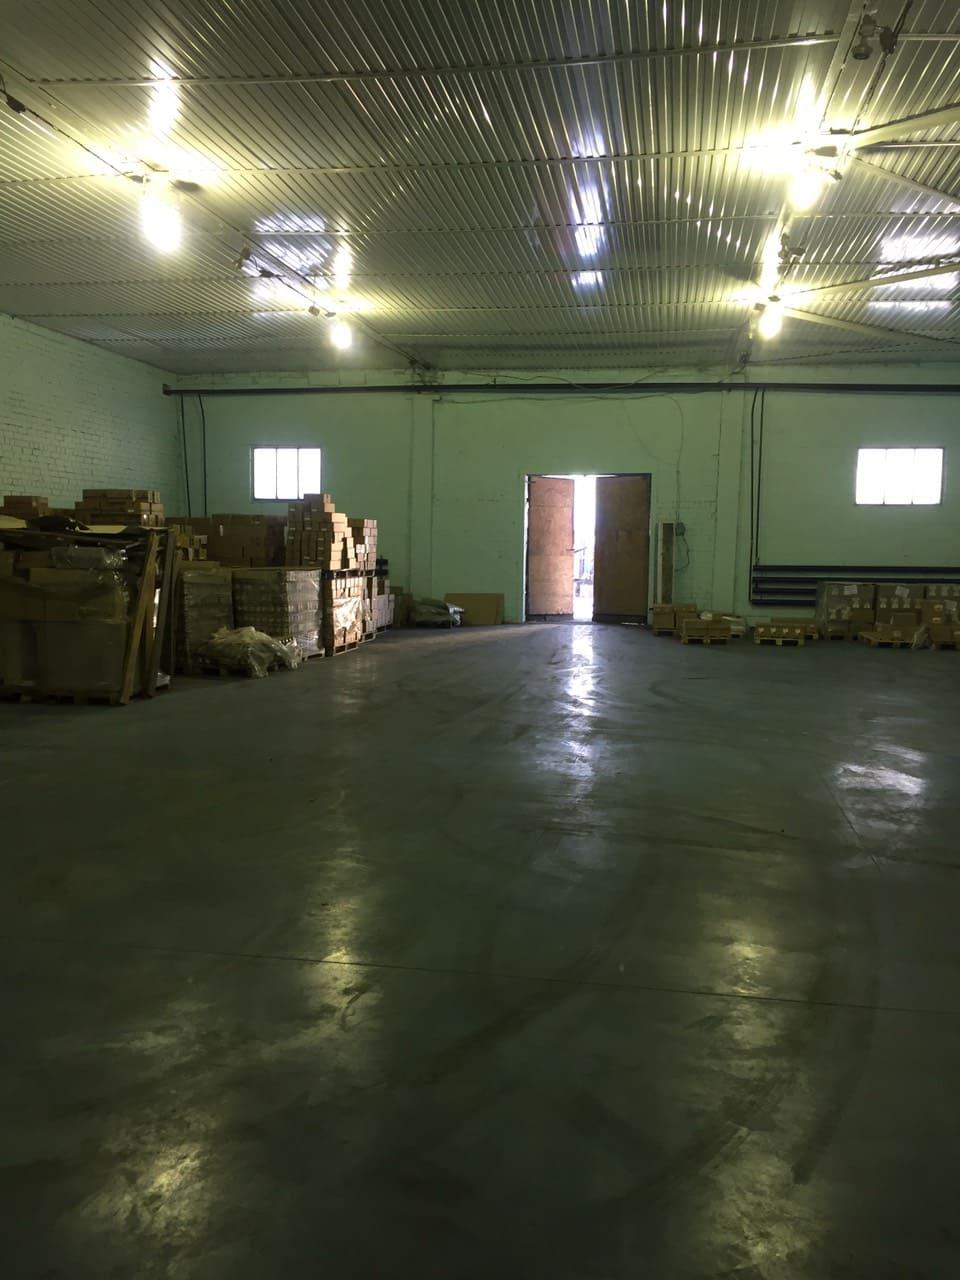 После планового ремонта и установки беспылевого пола с топпингом возобновил свою работу теплый склад класса В, и на сегодняшний день для аренды на данном складе доступна площадь в 1000м2.